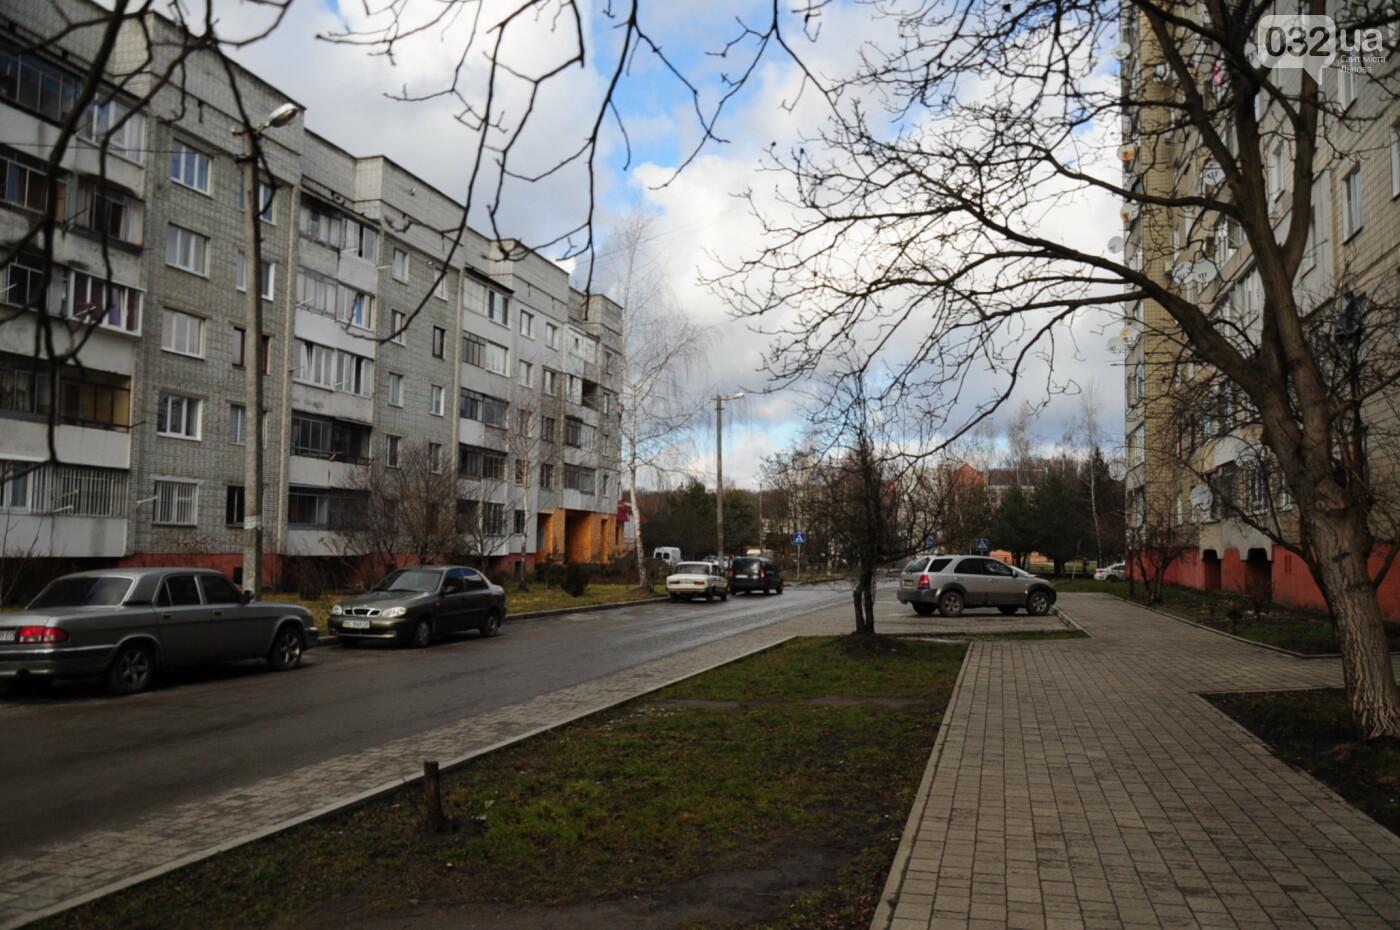 Рясне, фото 032.ua